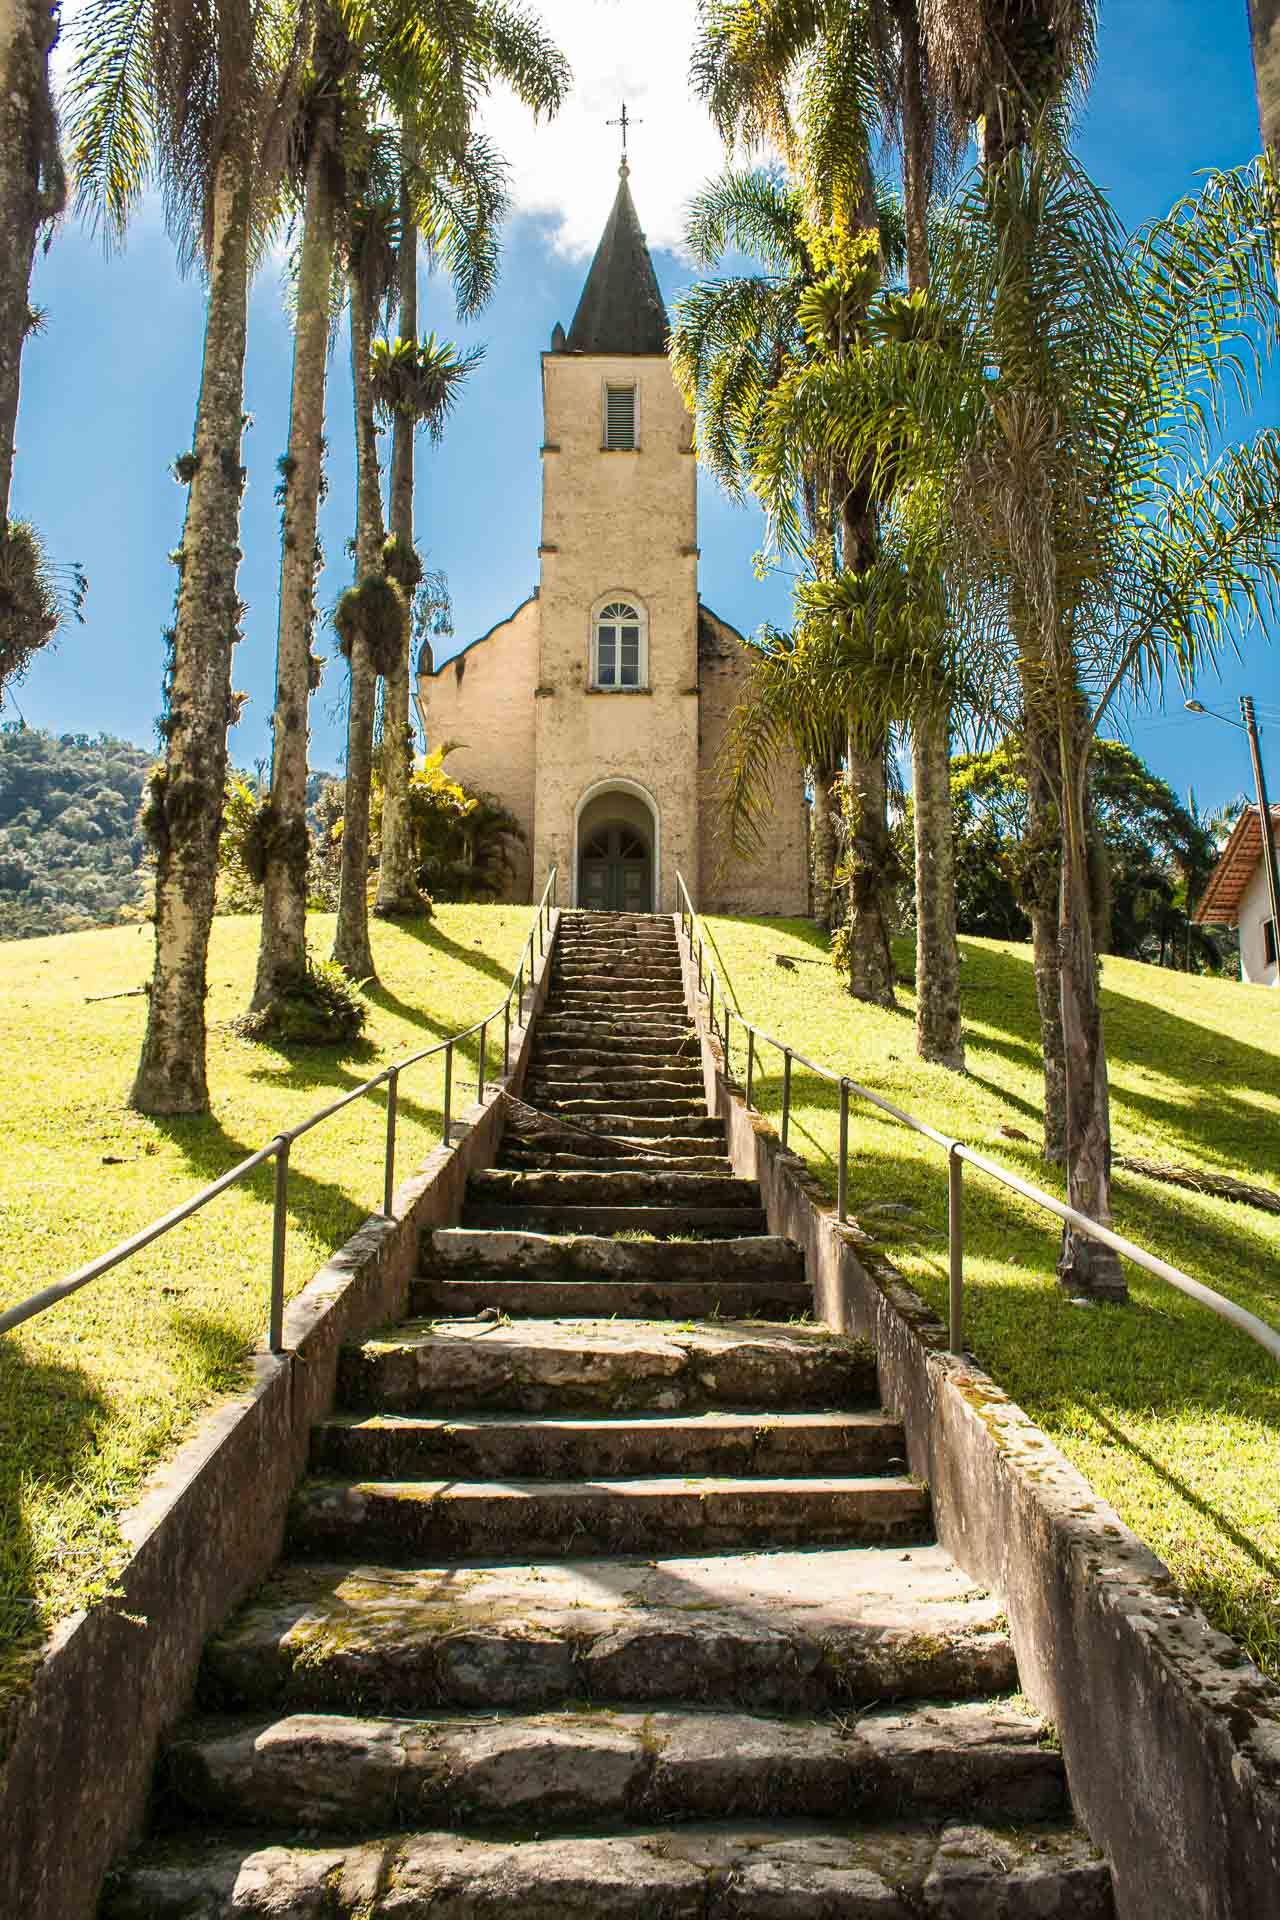 Igreja luterana antiga no bairro Vila Itoupava, em Blumenau, vista da escadaria de entrada